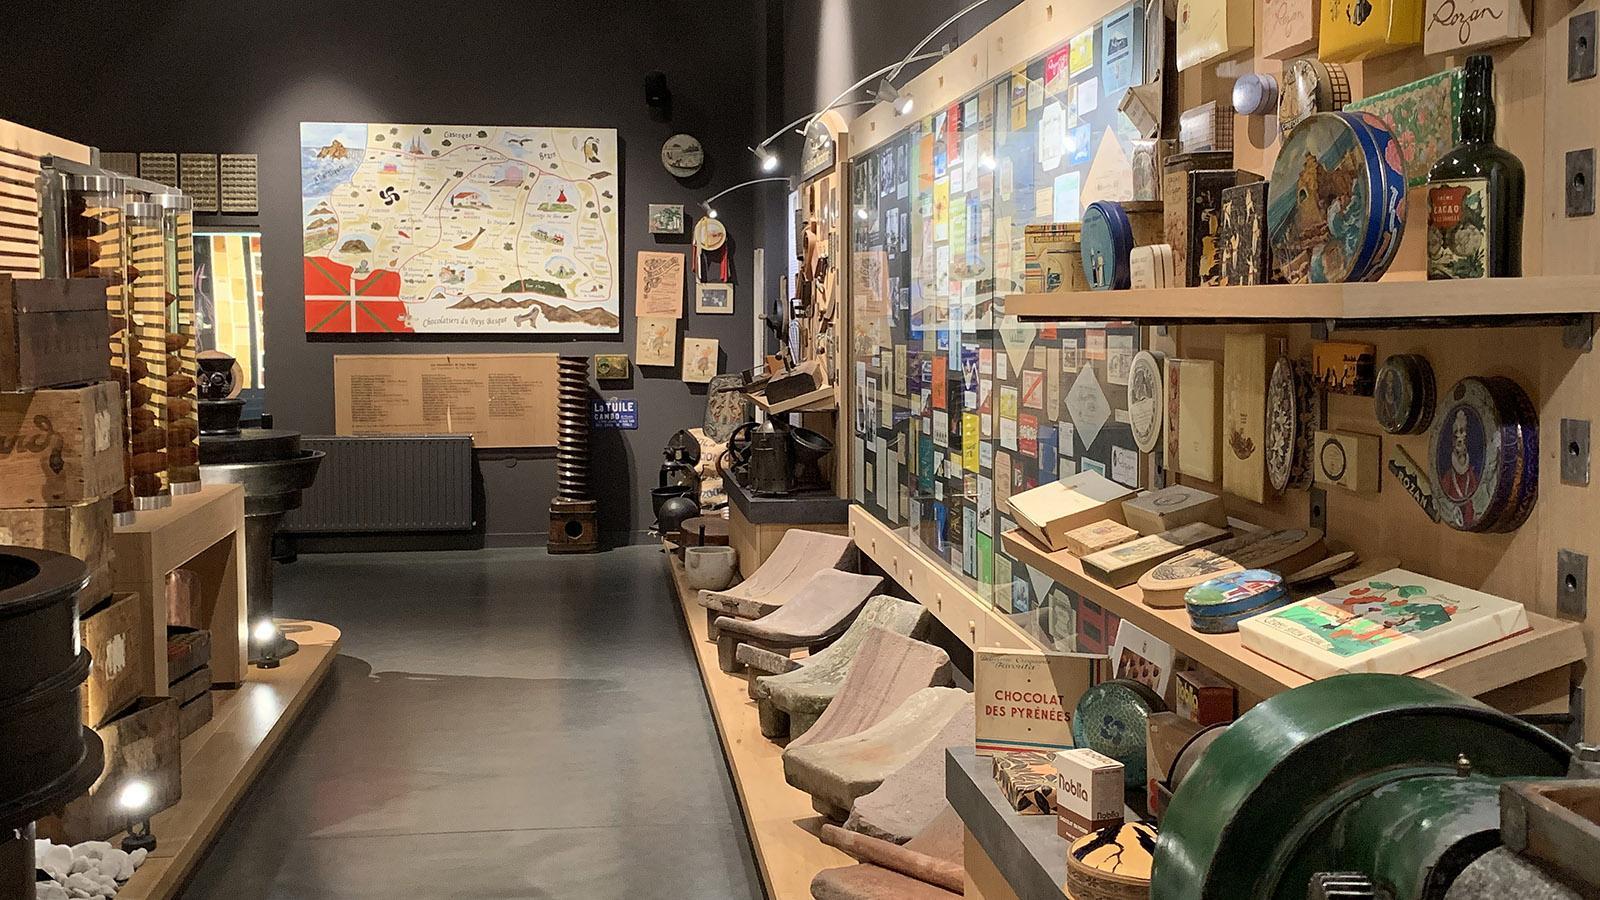 Die 2. kulinarische Tradition neben dem Gâteau Basque. 1787 begann mit der Maison Fagalda die Schokoladenherstellung in Cambo-les-Bains. Seit 2014 hält die Chocolaterie Puyodebat als einer der letzten beiden Kakaoröstereinen und Schokoladenmanufakturen diese Tradition aufrecht. Das Firmenmuseum erzählt davon. Foto: Hilke Maunder